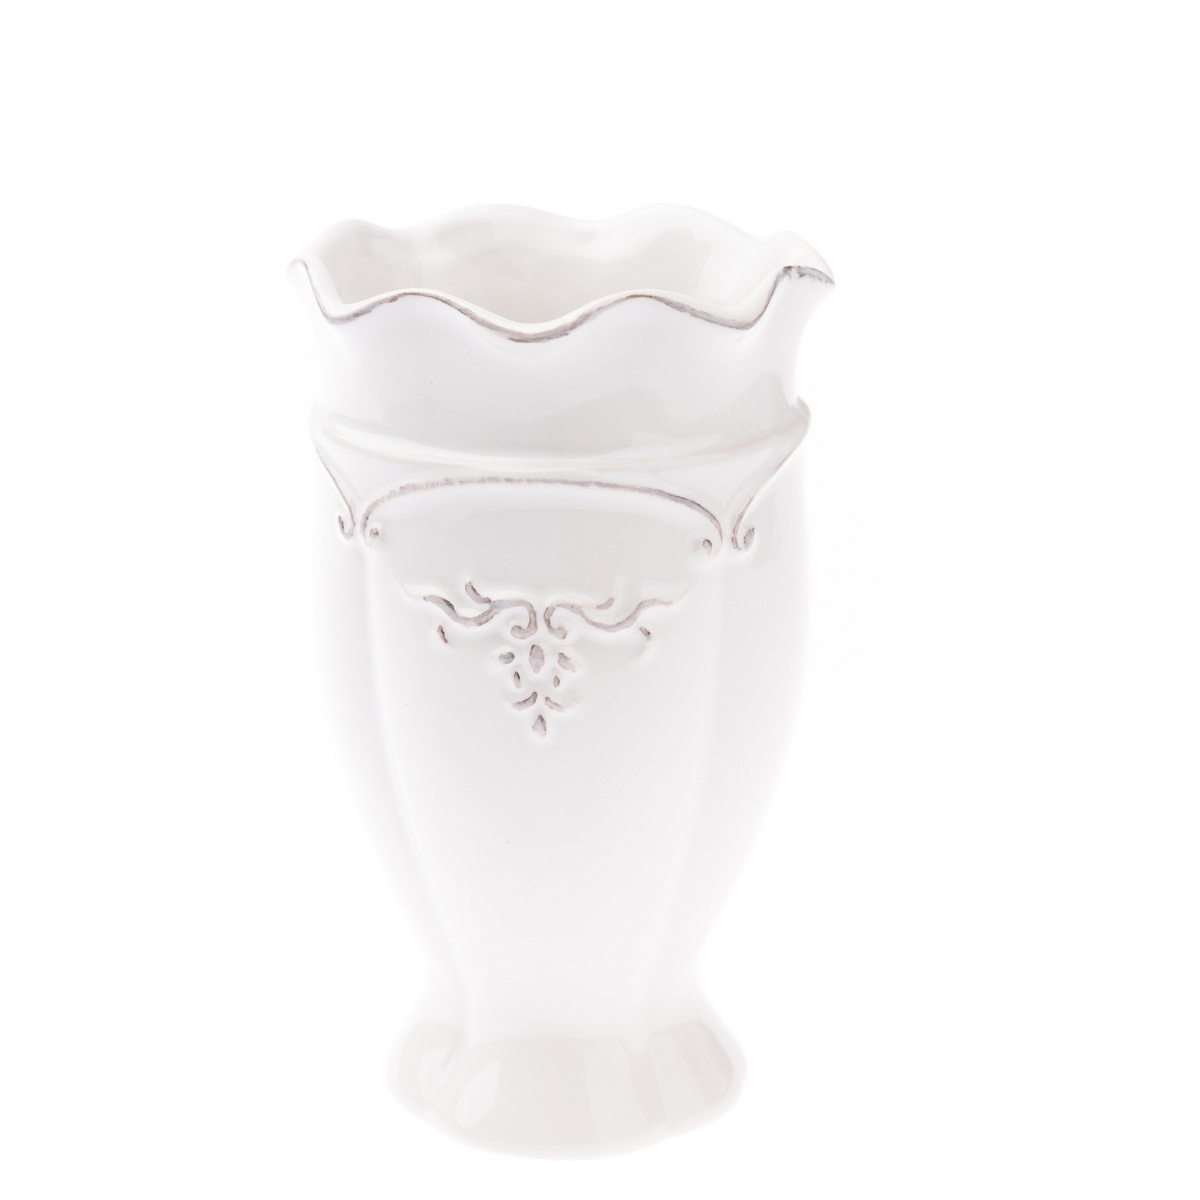 Wazon ceramiczny Vallada biały, 11 x 18 x 11 cm